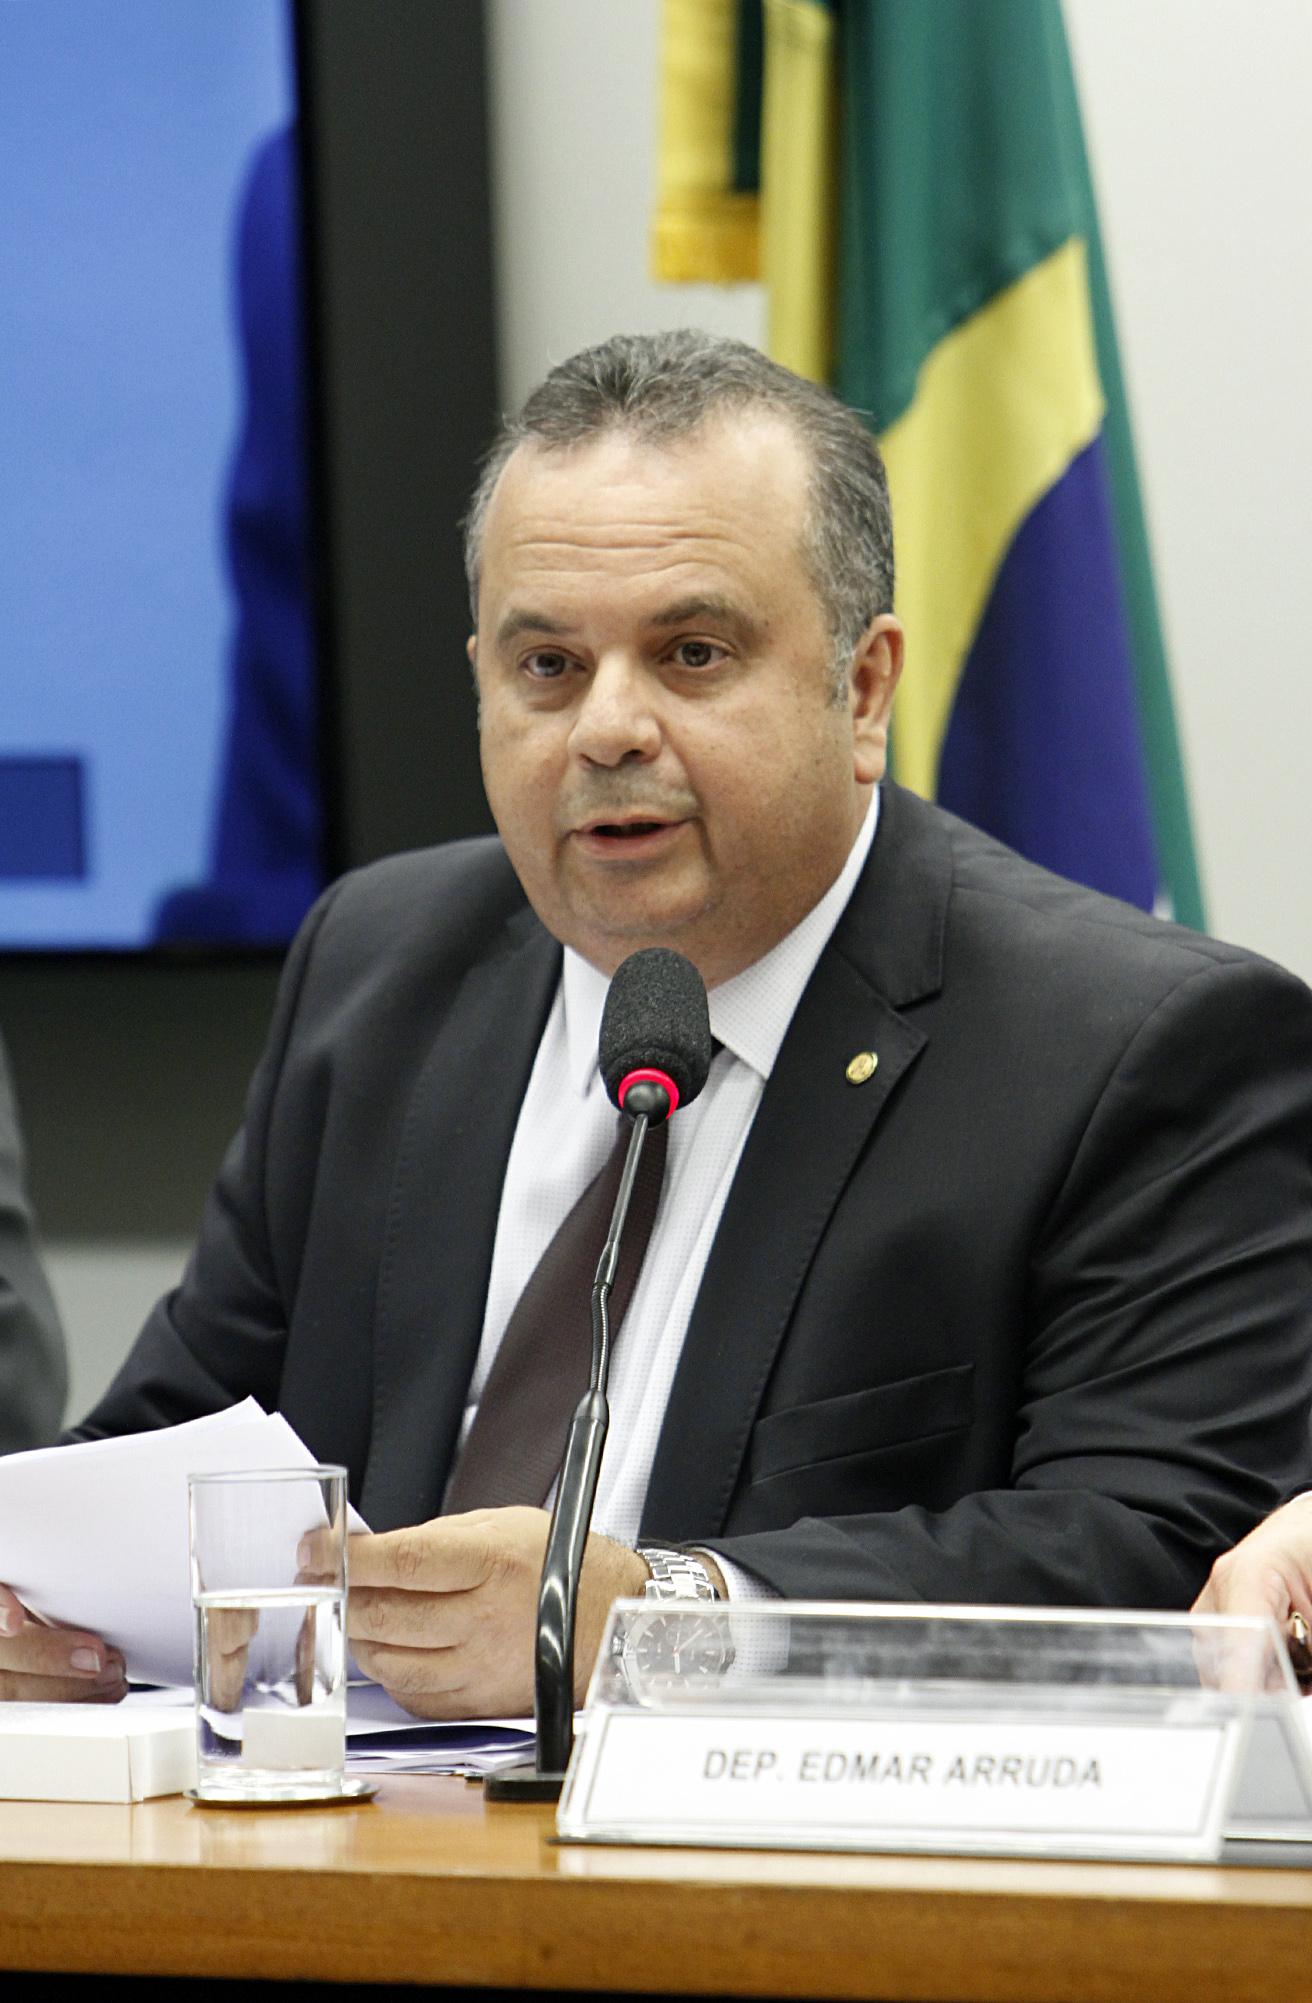 Audiência Pública. Dep. Rogério Marinho (PSDB-RN)